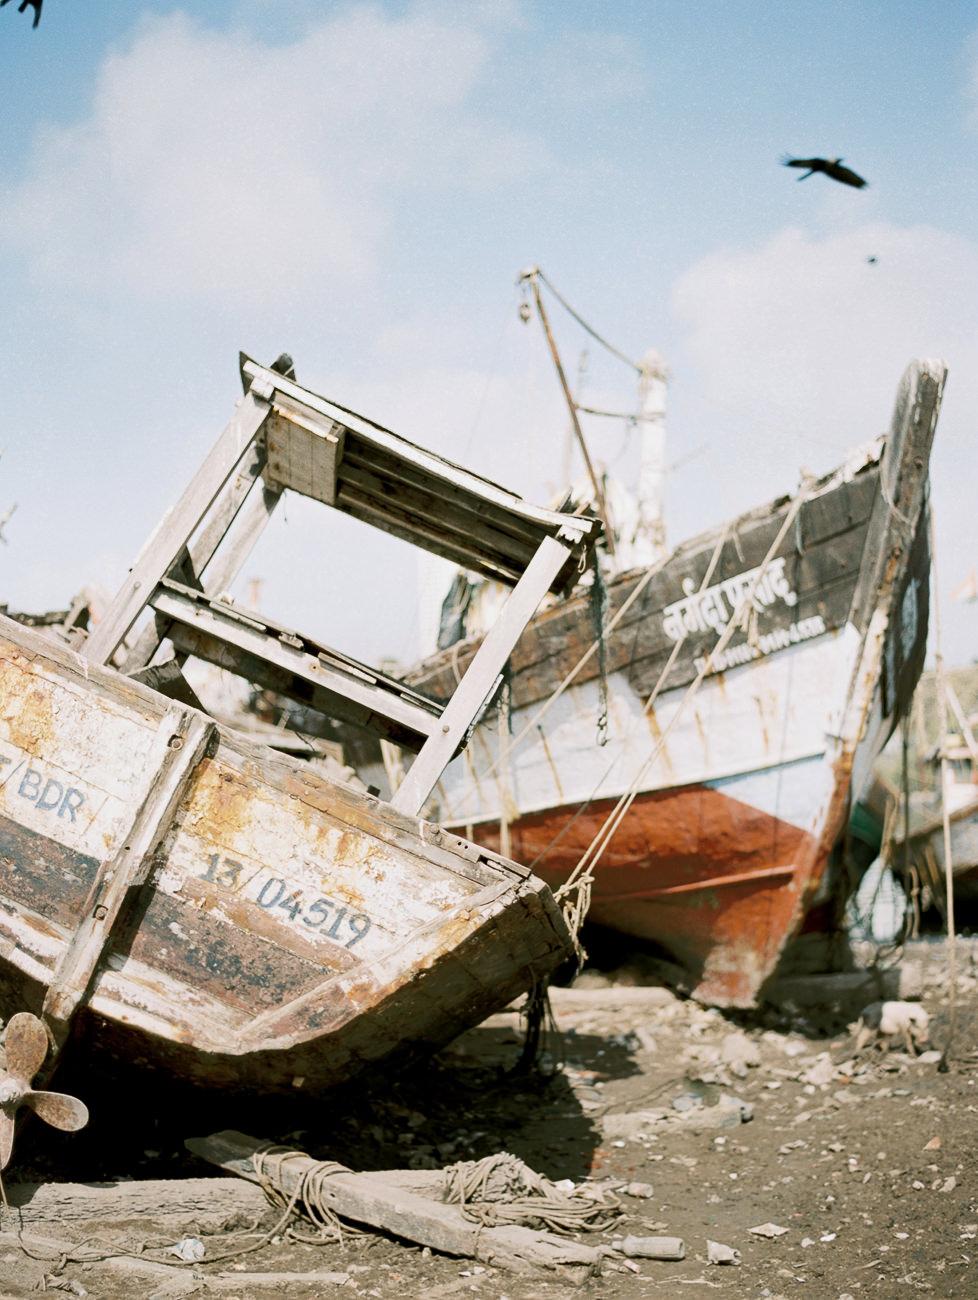 mumbai-photographe-voyage-alain-m-4.jpg